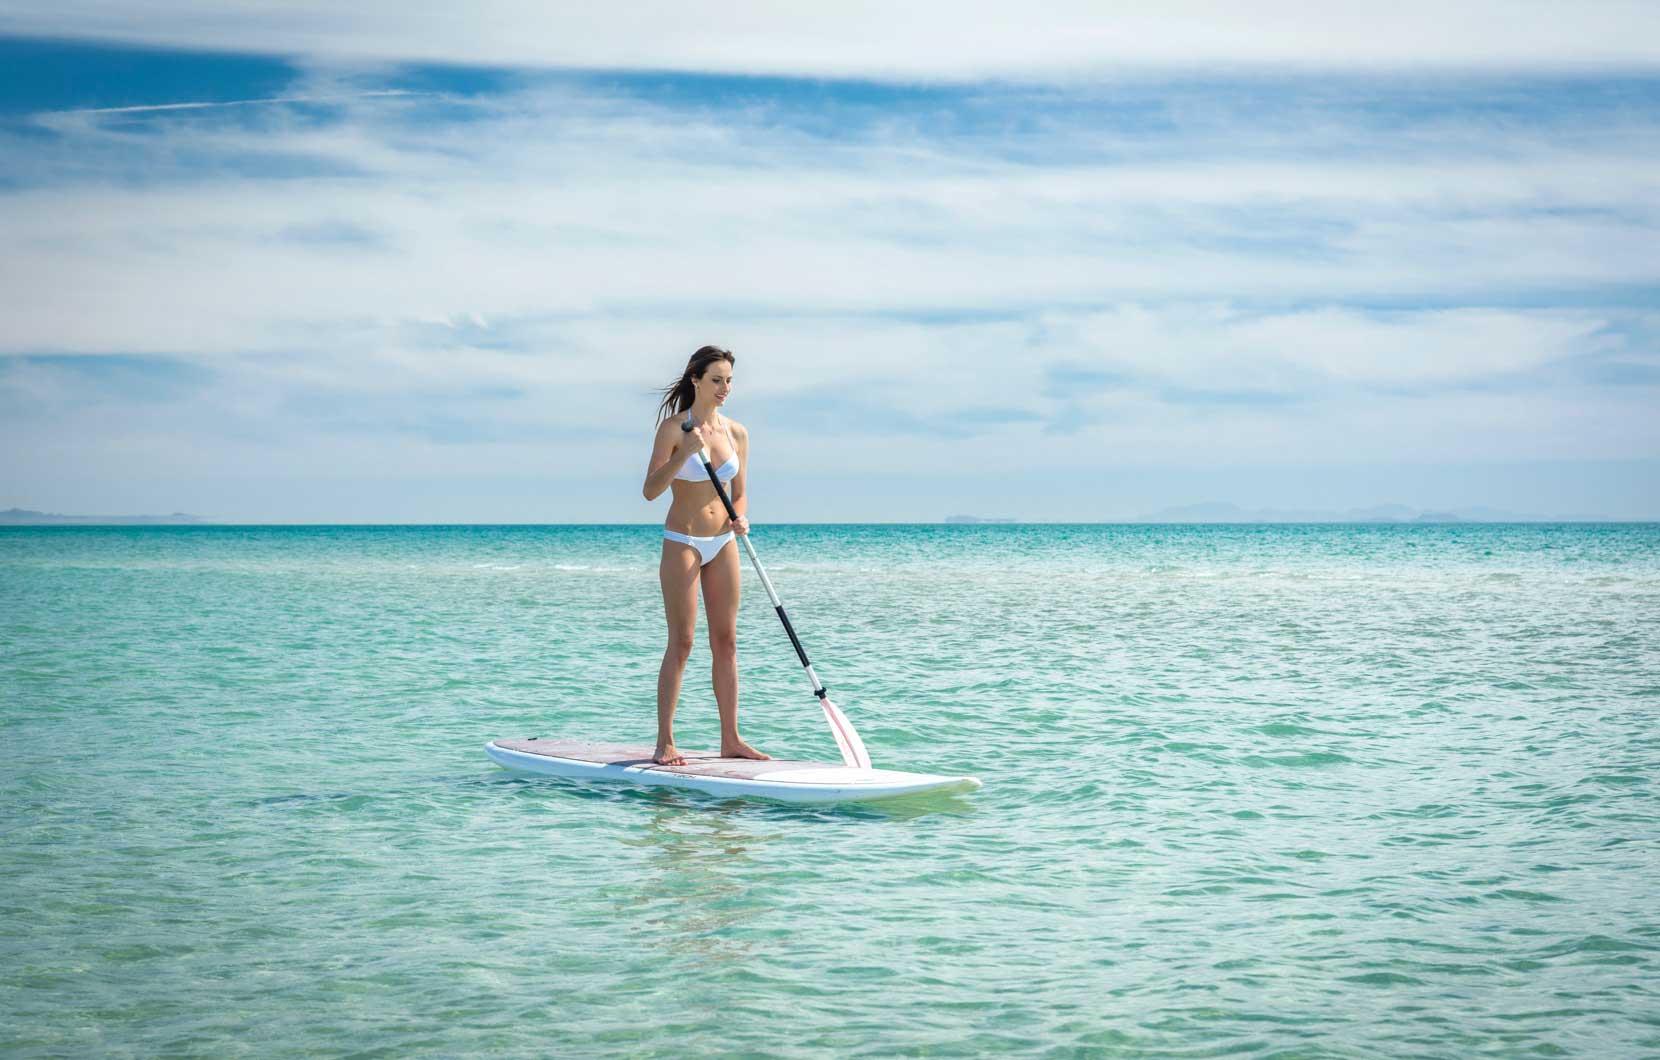 Explore la belleza de los paisajes en su paddle board.